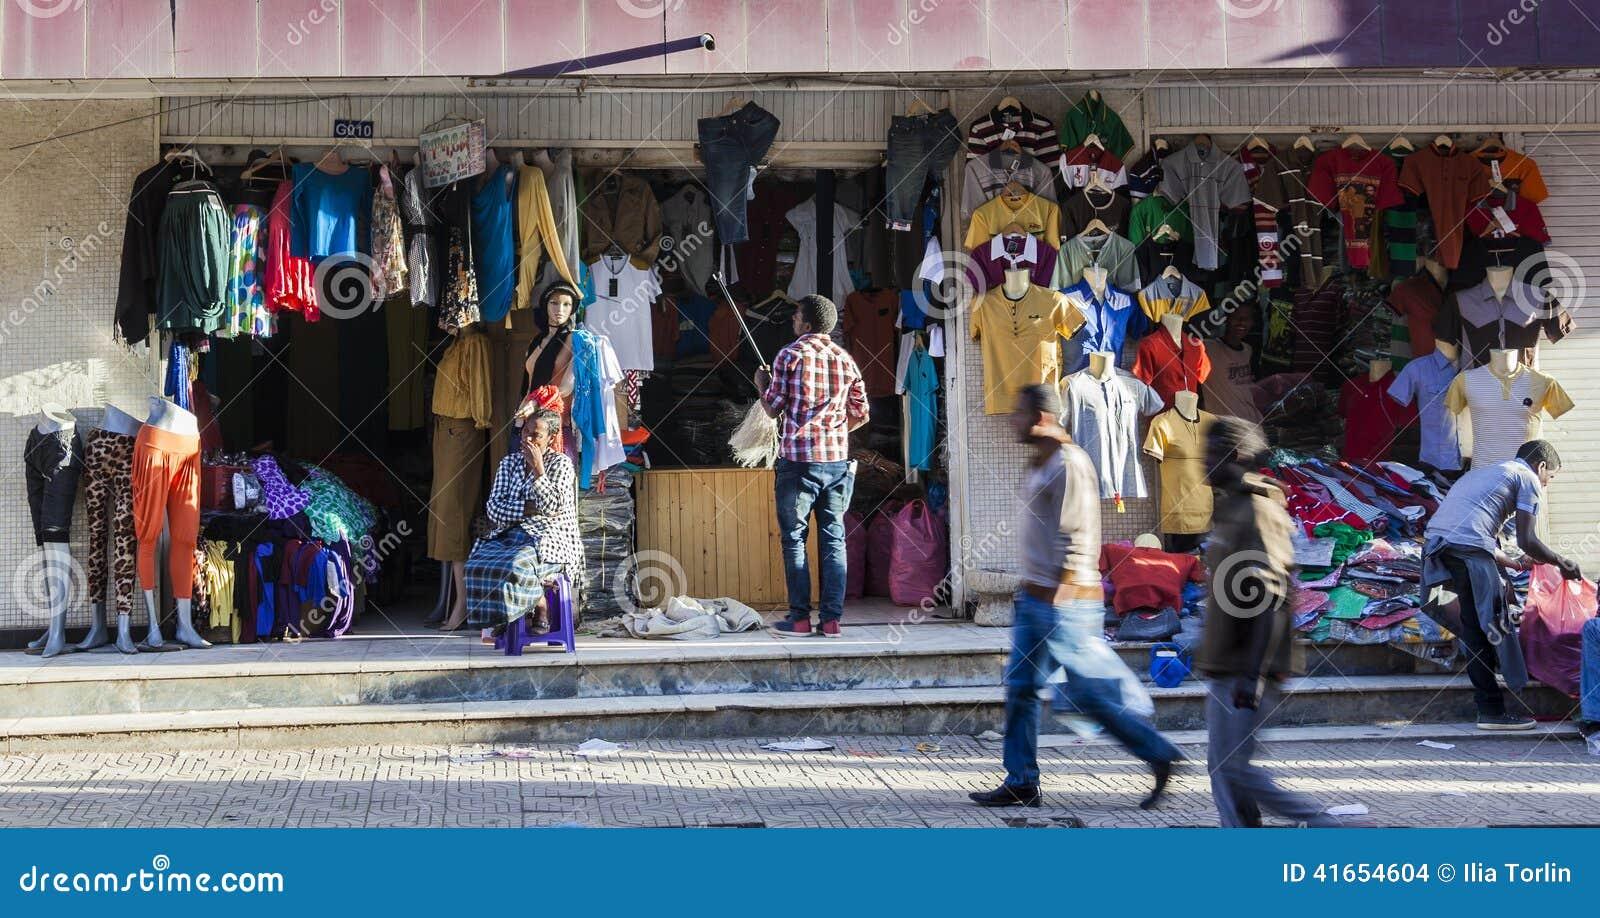 Магазин одежды в рынке Merkato Аддис-Абеба эфиопия